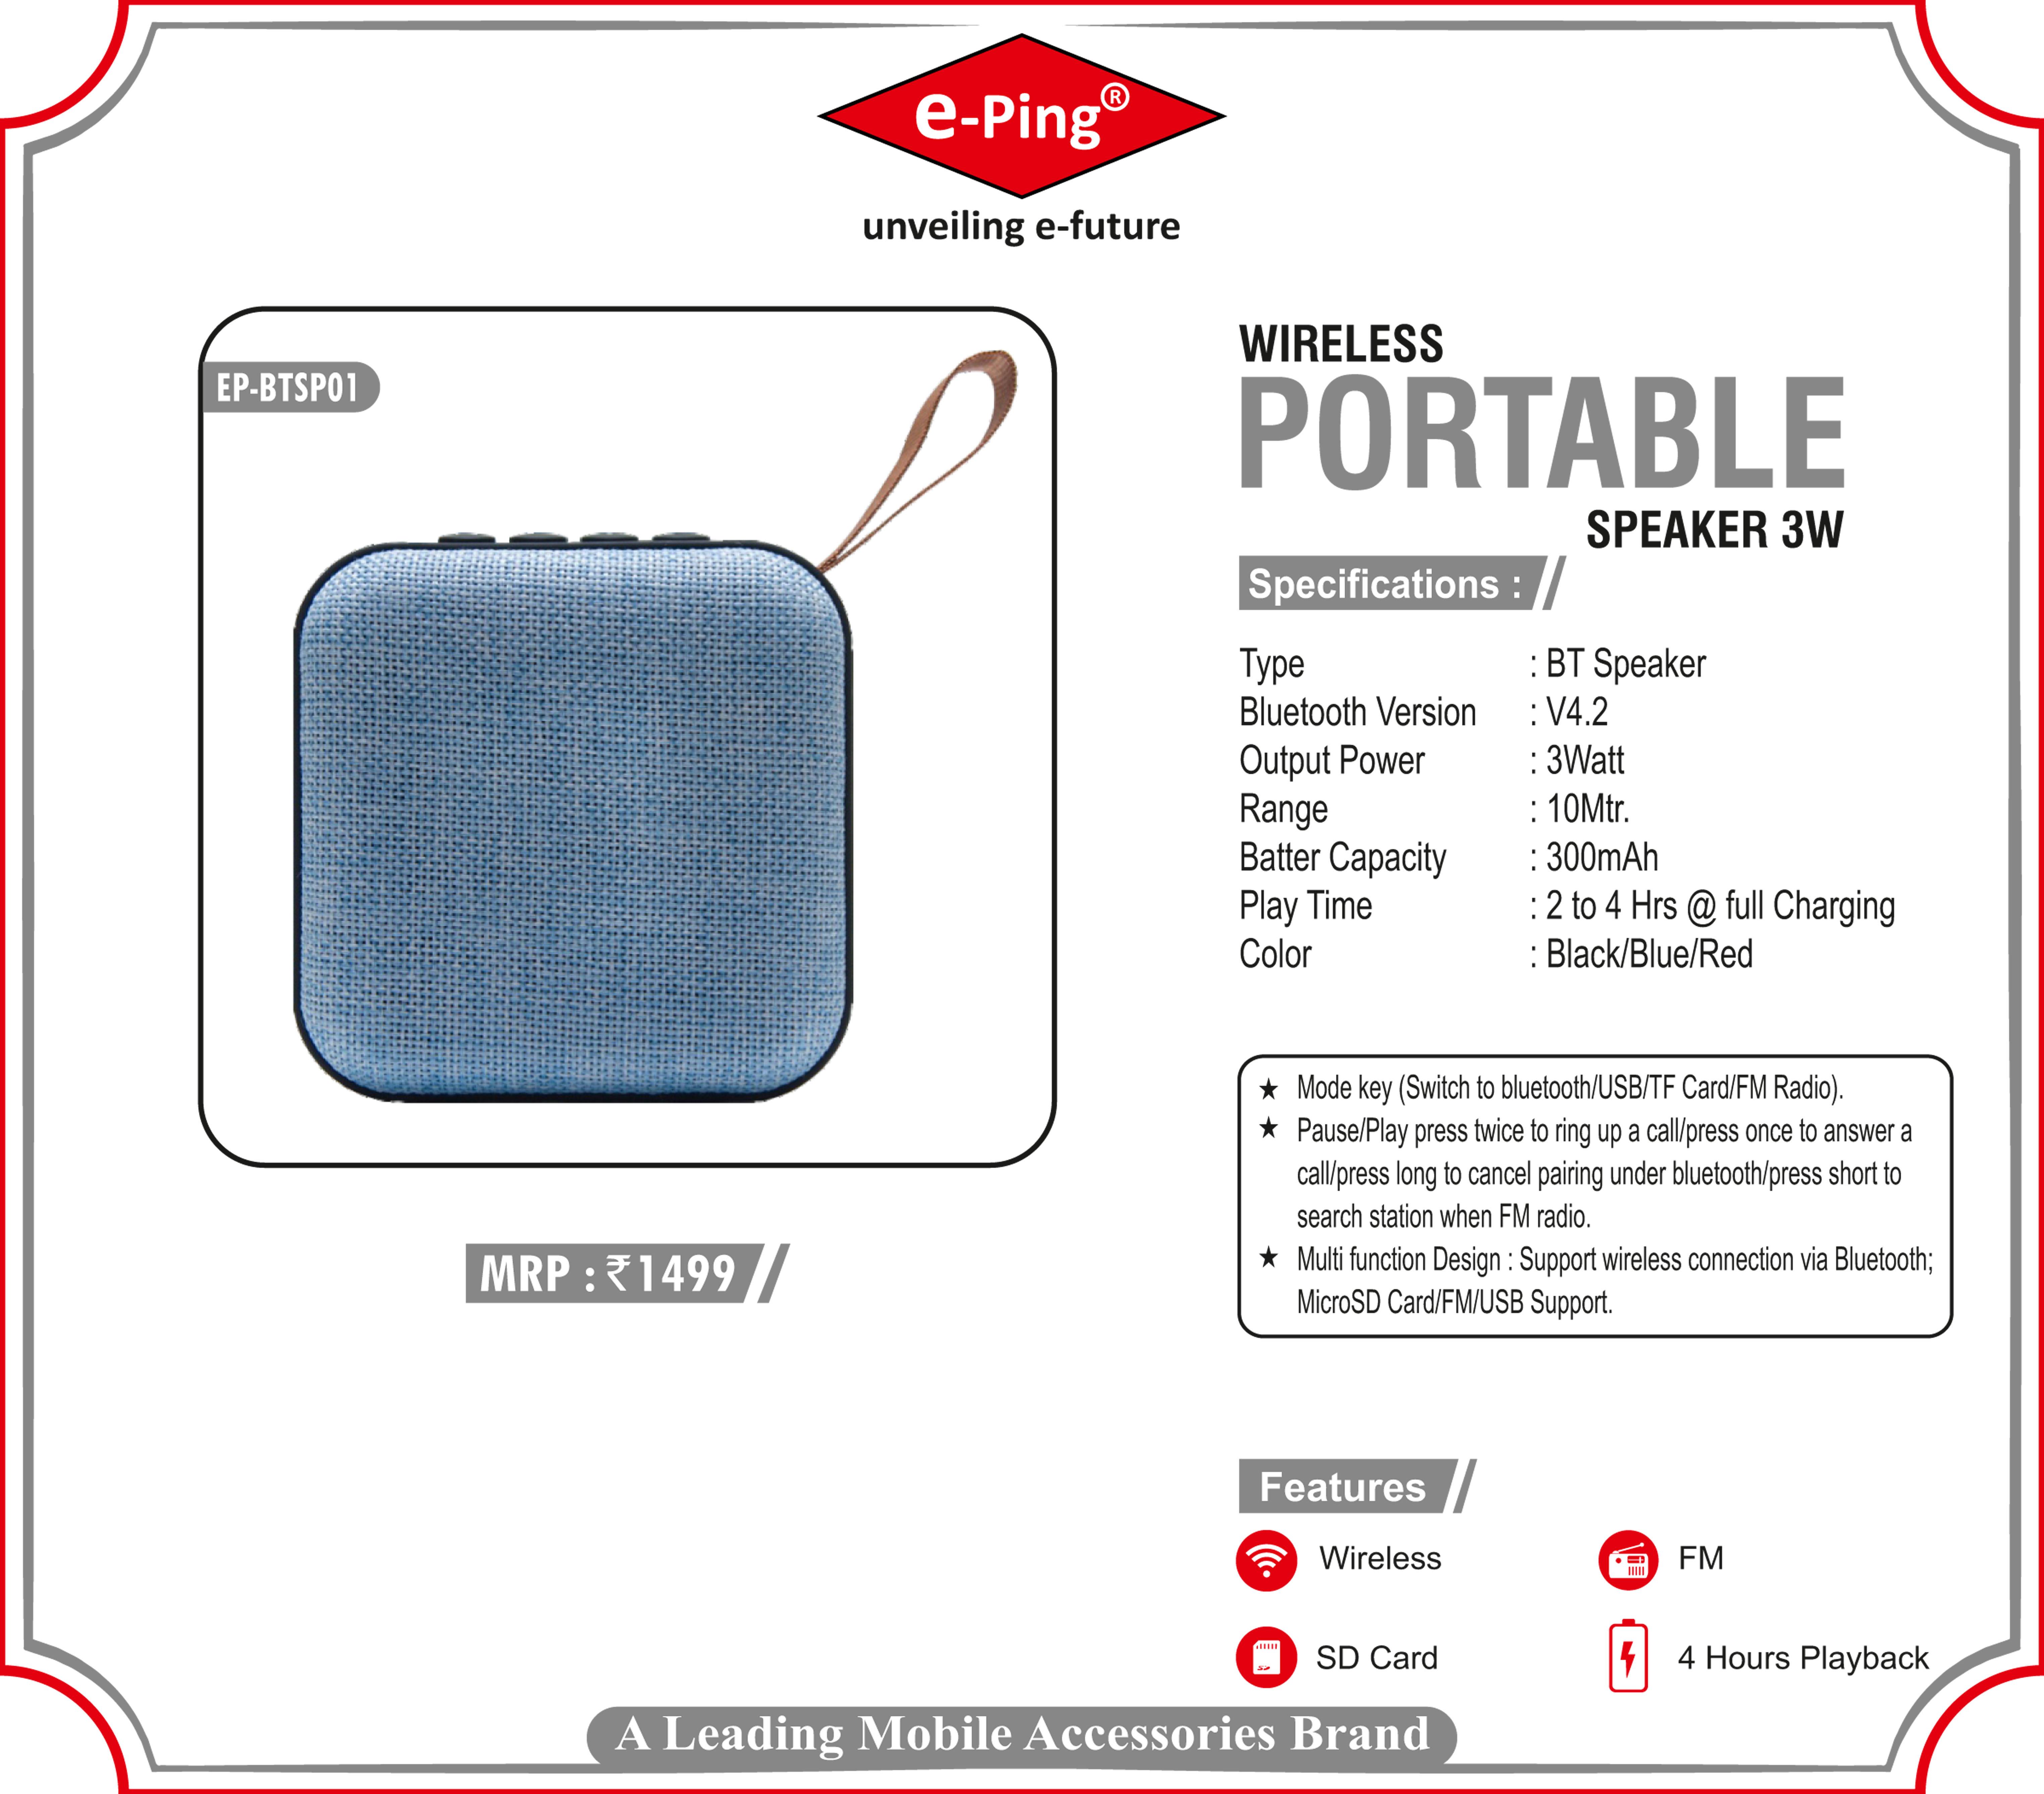 3w Wireless Portable Speaker